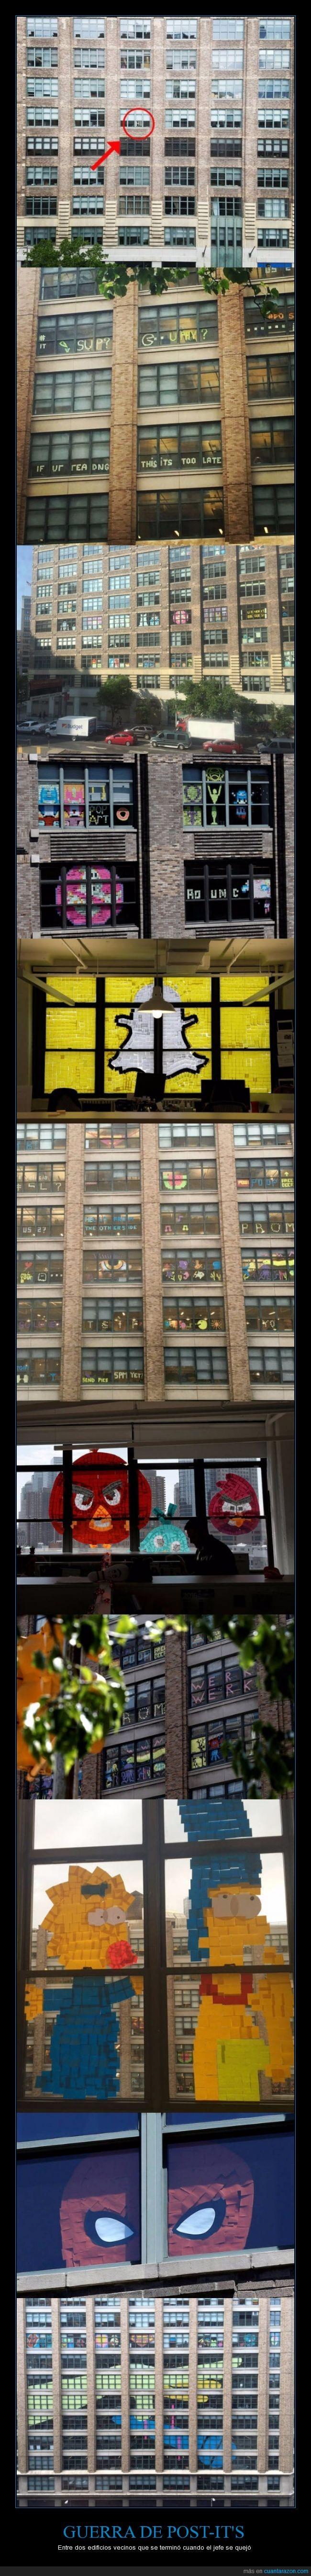 edificio,guerra,hi,nombre,pegar,post-it,ventana